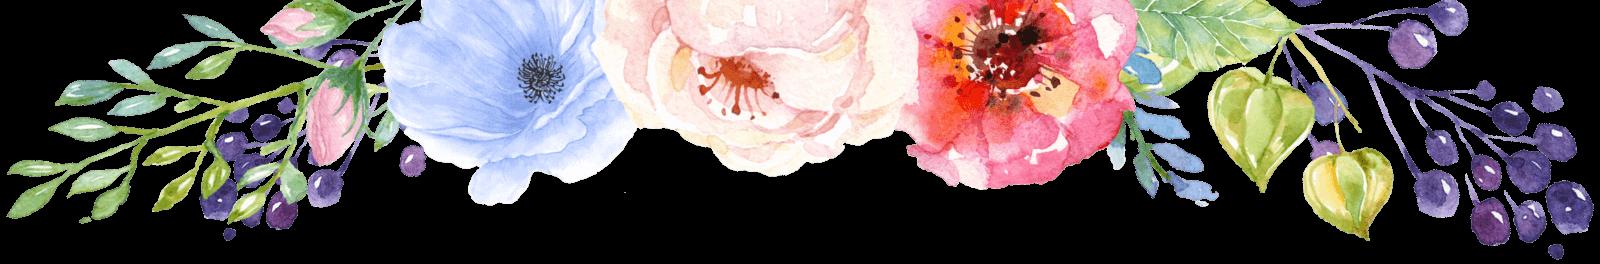 の ハネムーン 永遠 桃花